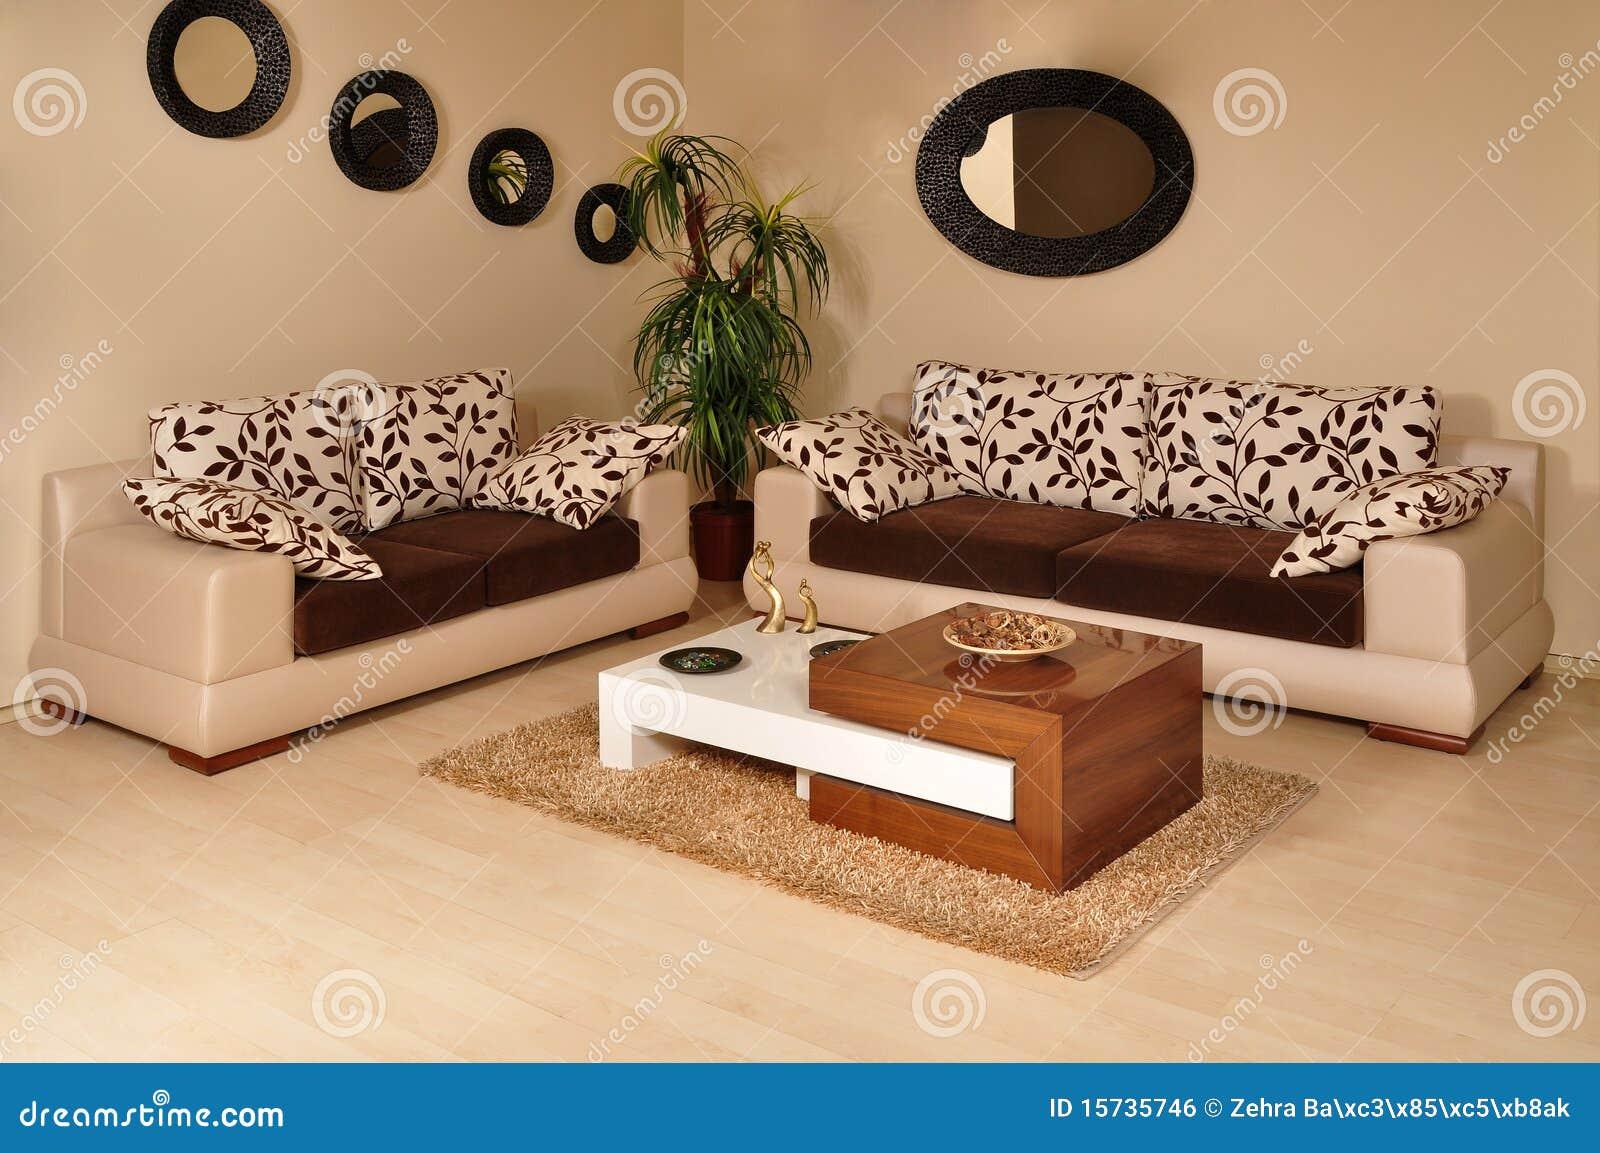 Muebles modernos foto de archivo imagen de hotel for Muebles barrocos modernos